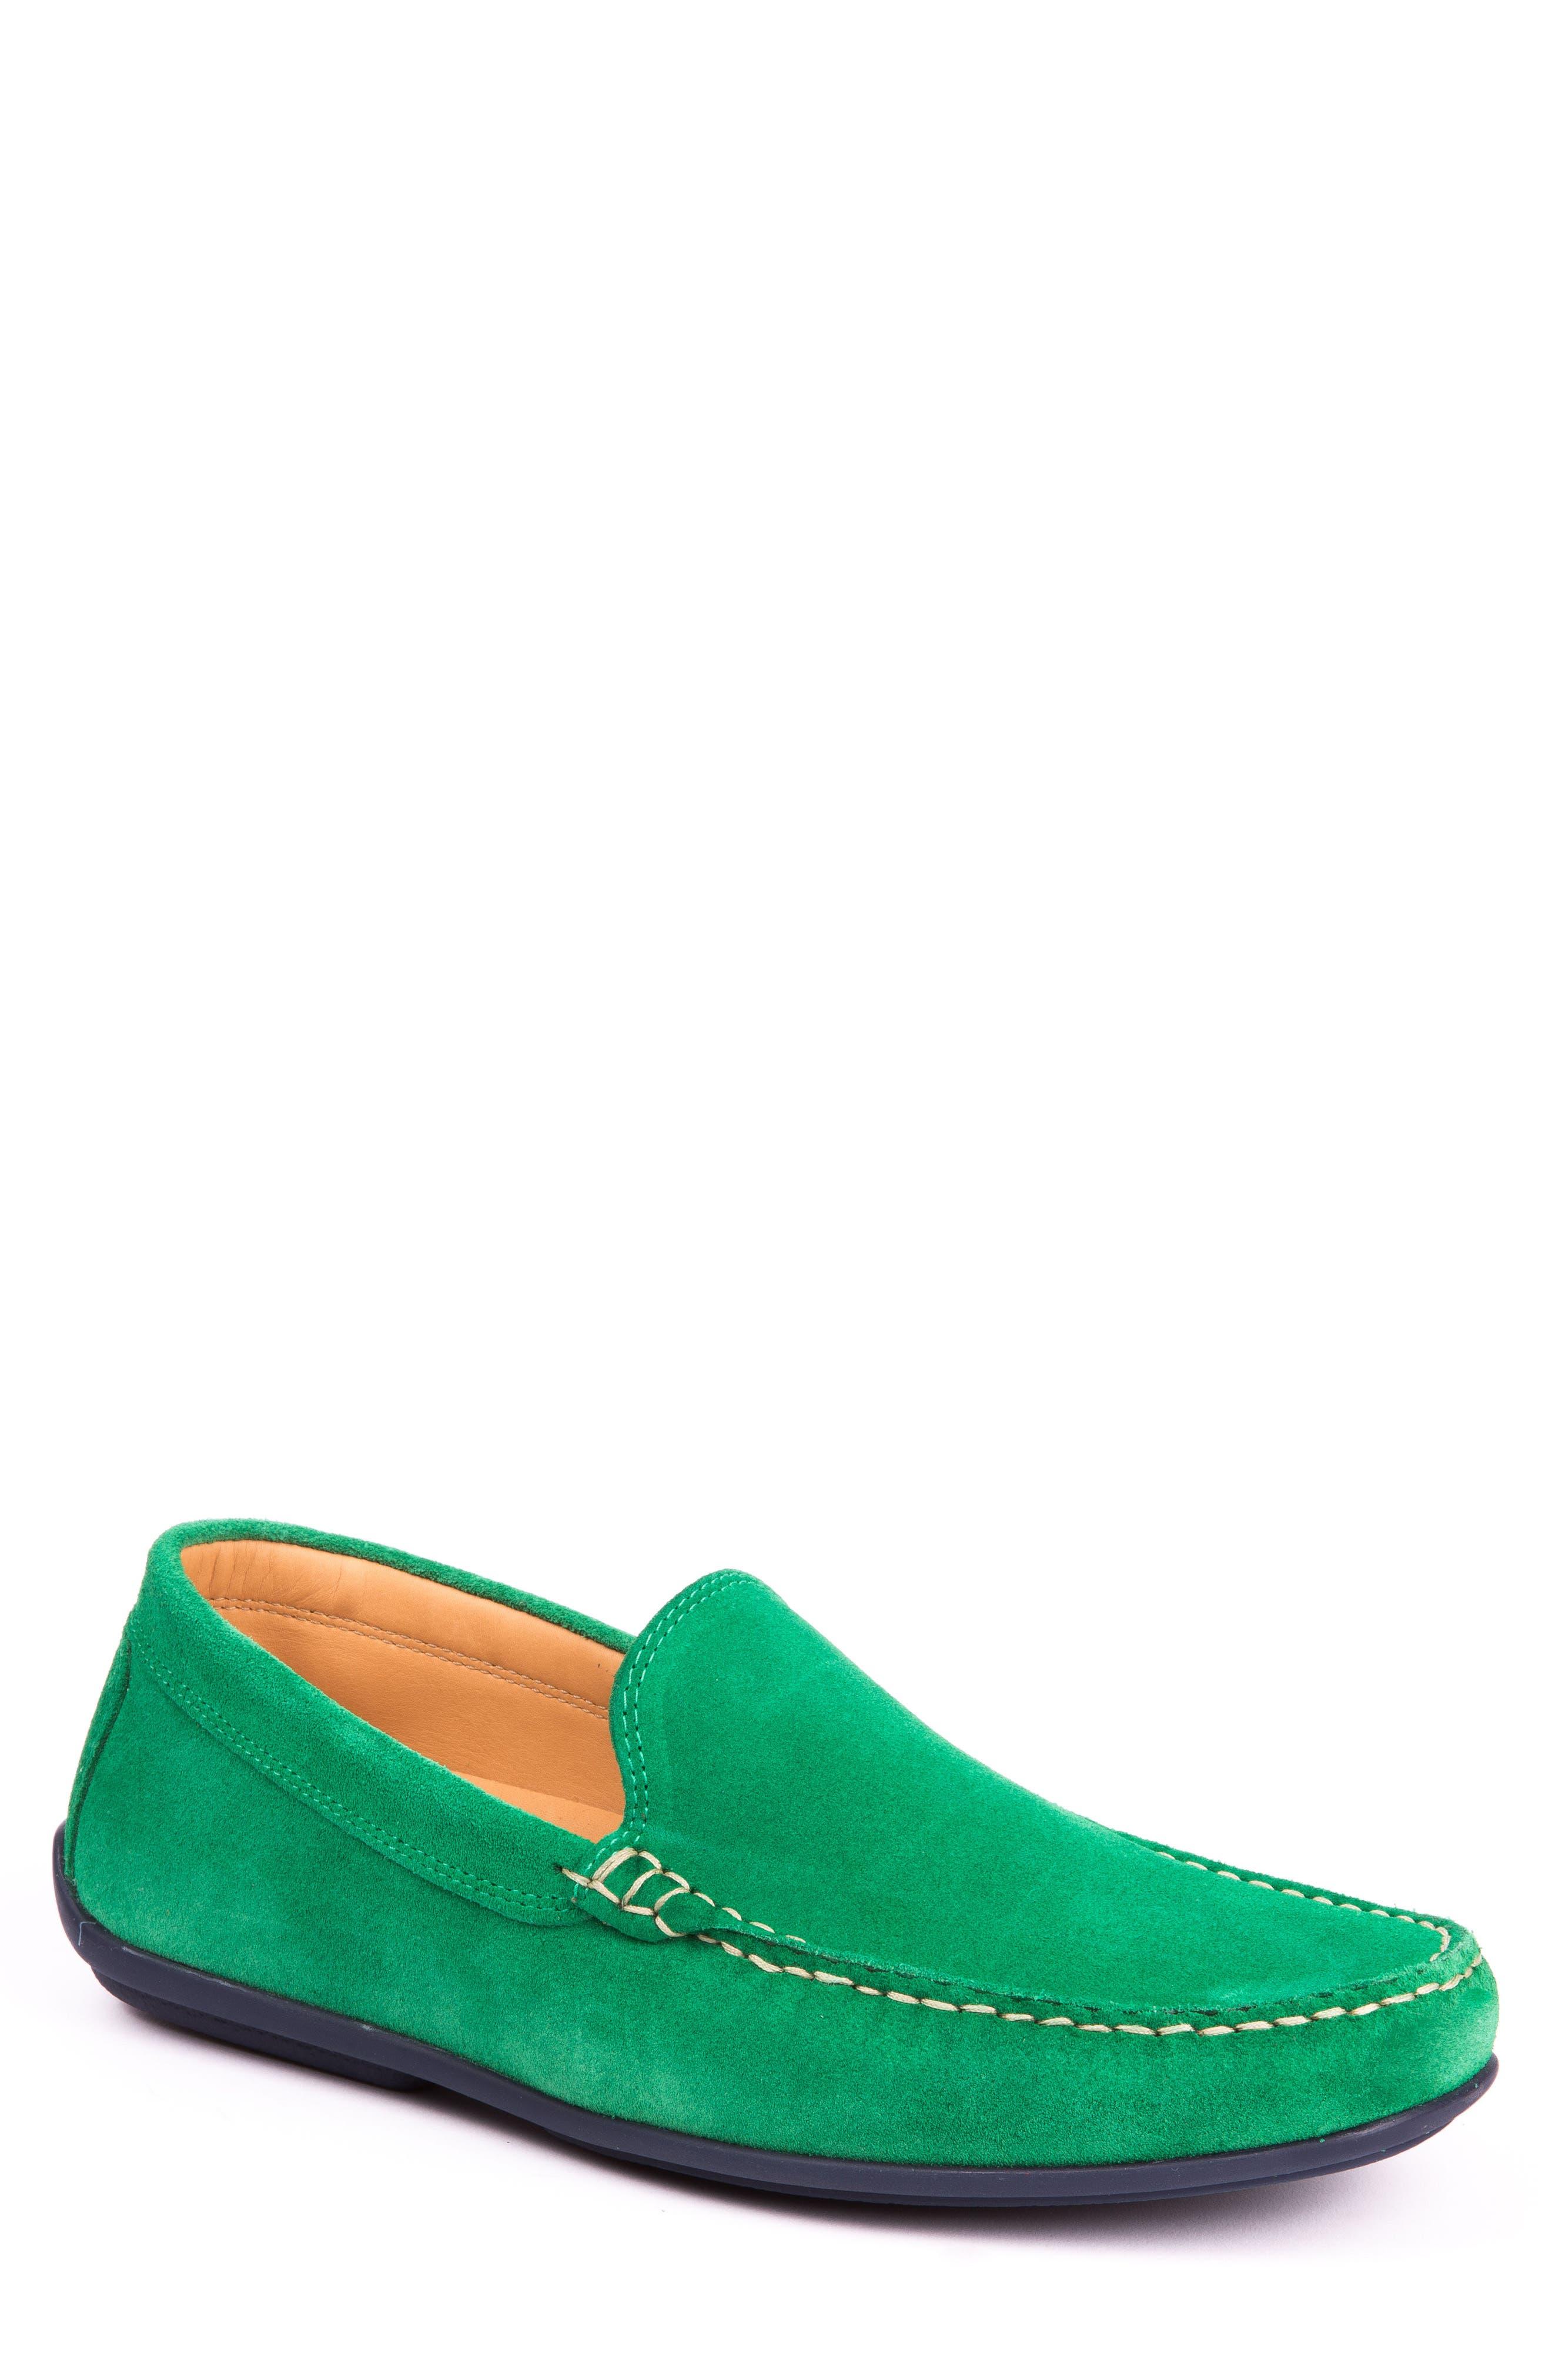 Fairways Driving Shoe,                         Main,                         color, 320